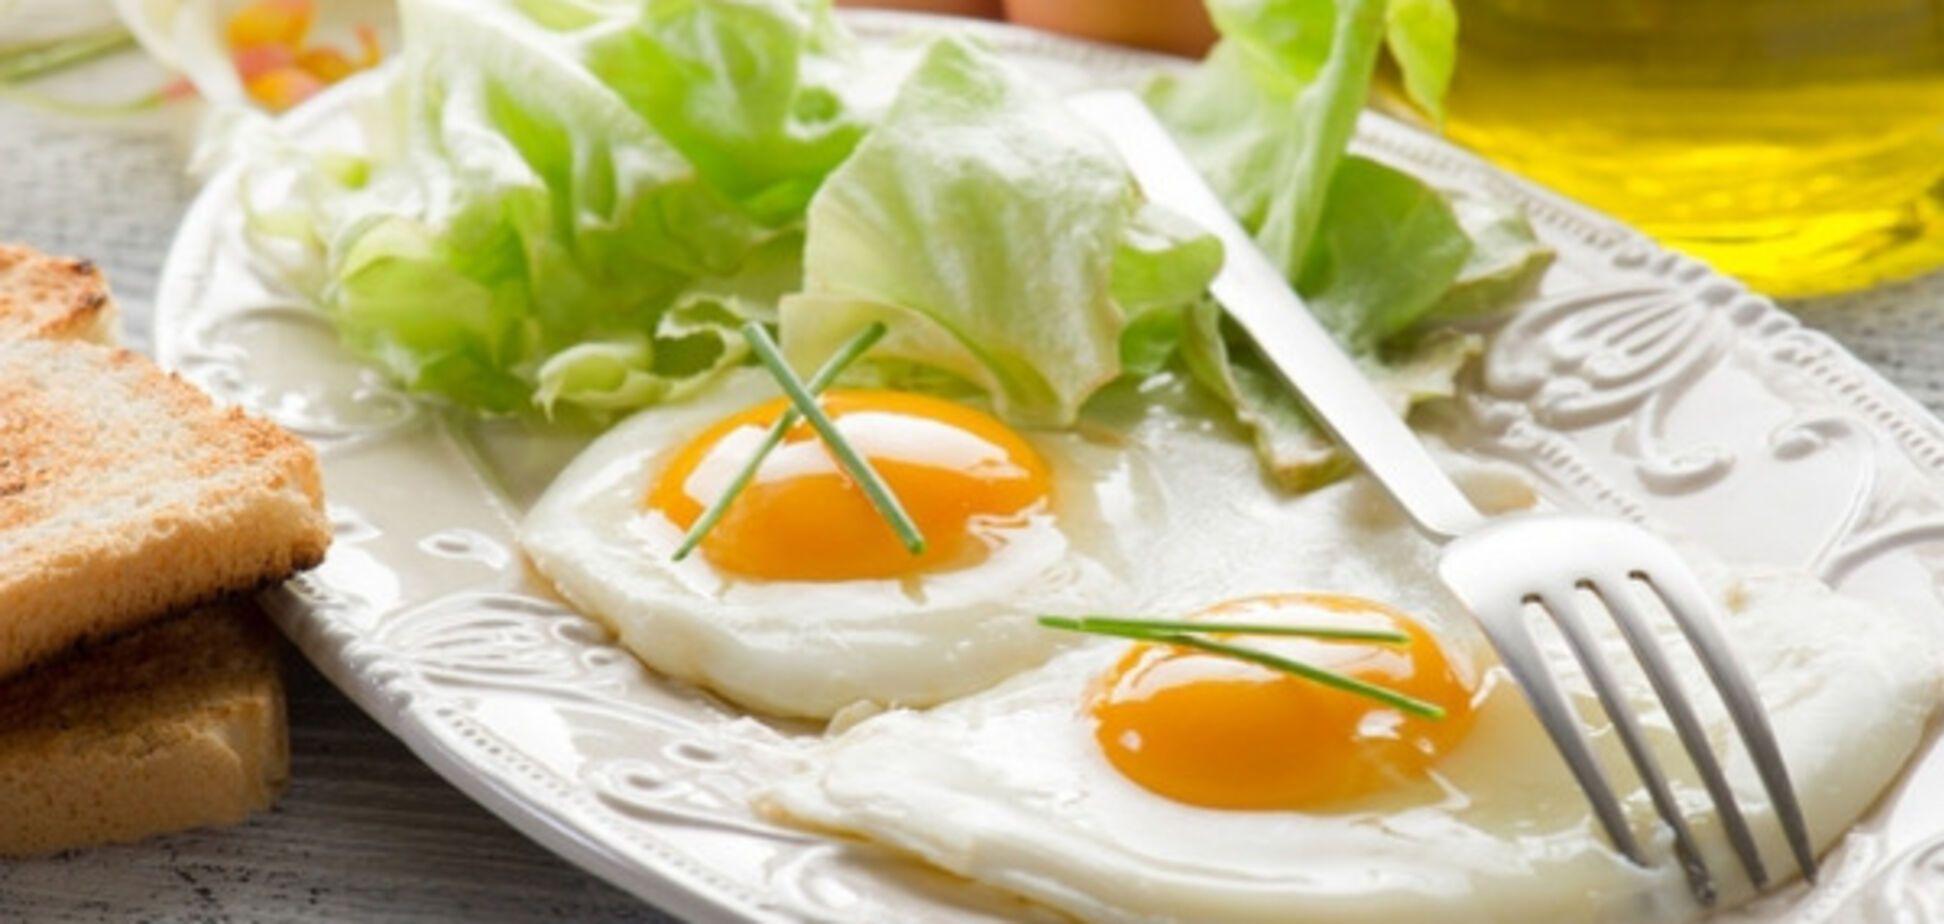 способы приготовления яичницы